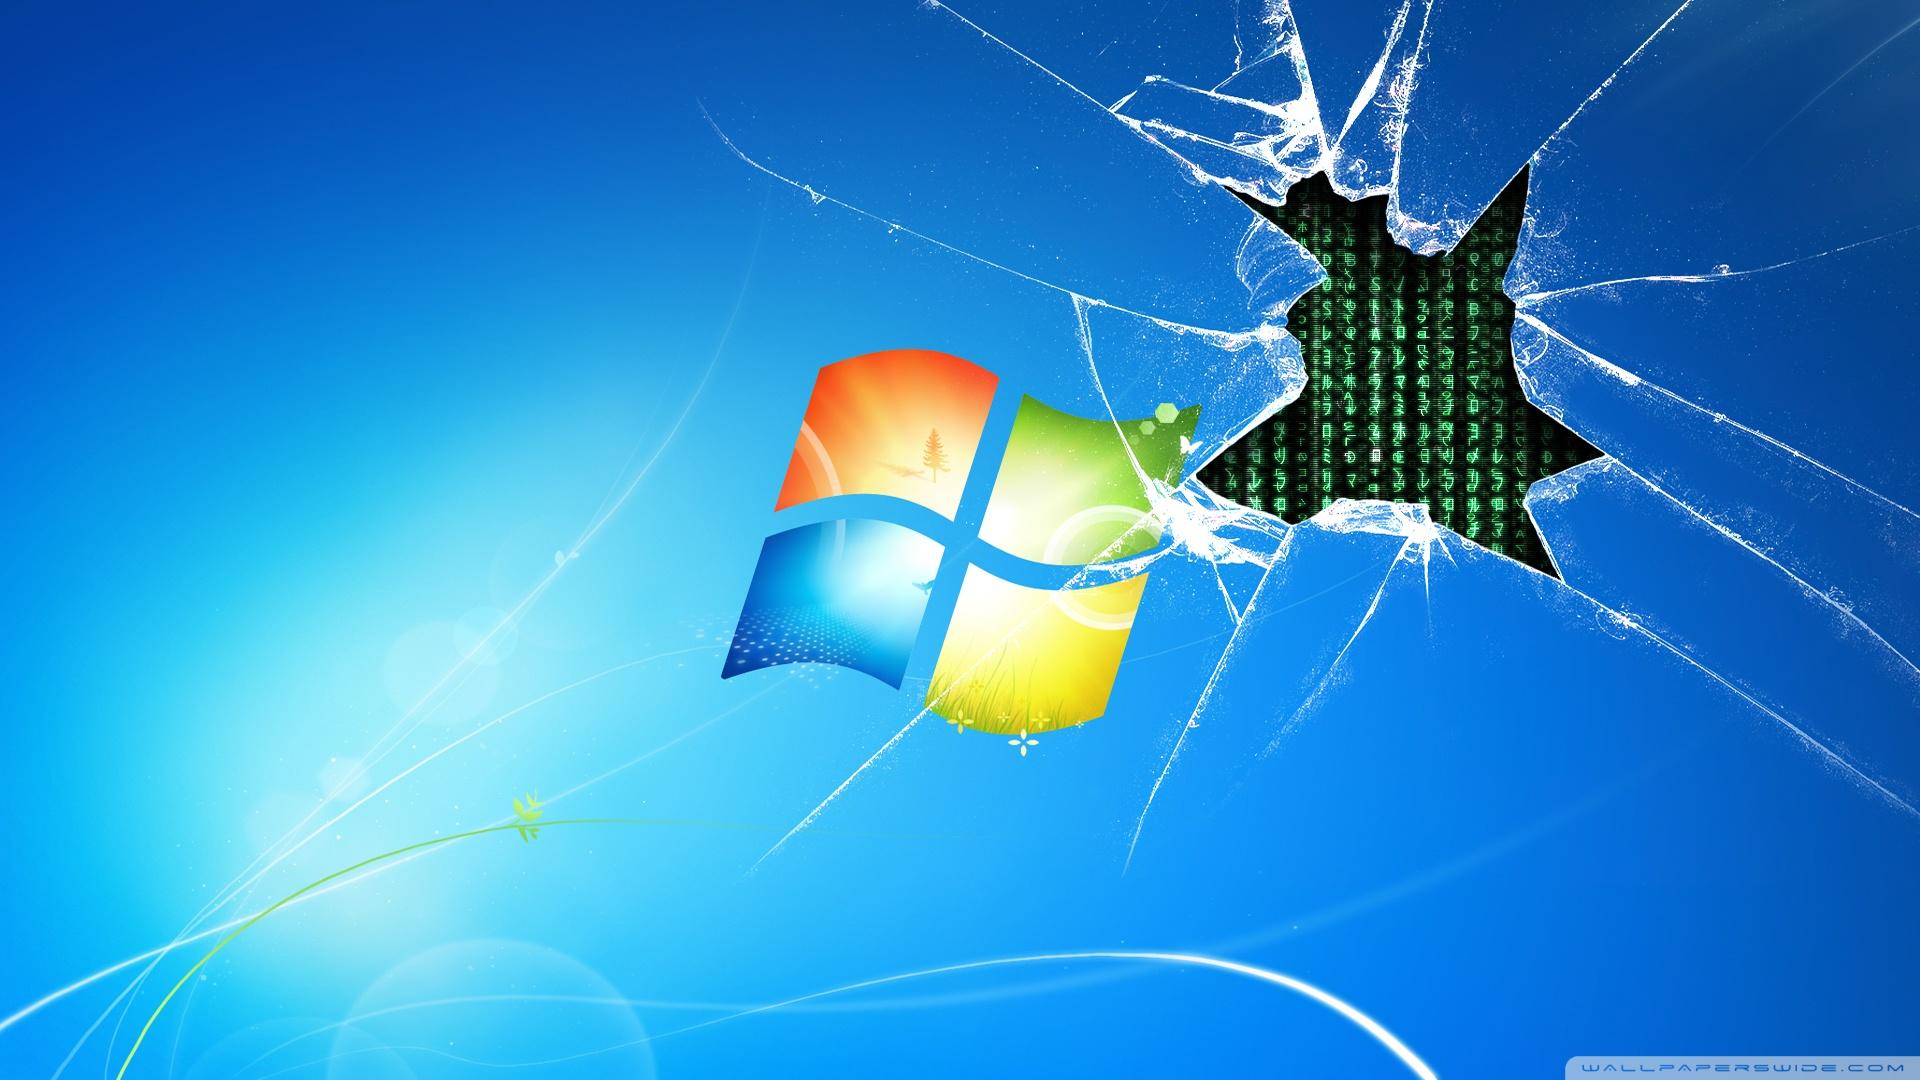 Windows 7 runs on the matrix wallpaper dottech matrixgotwindows7 wallpaper 1920x1080 voltagebd Gallery